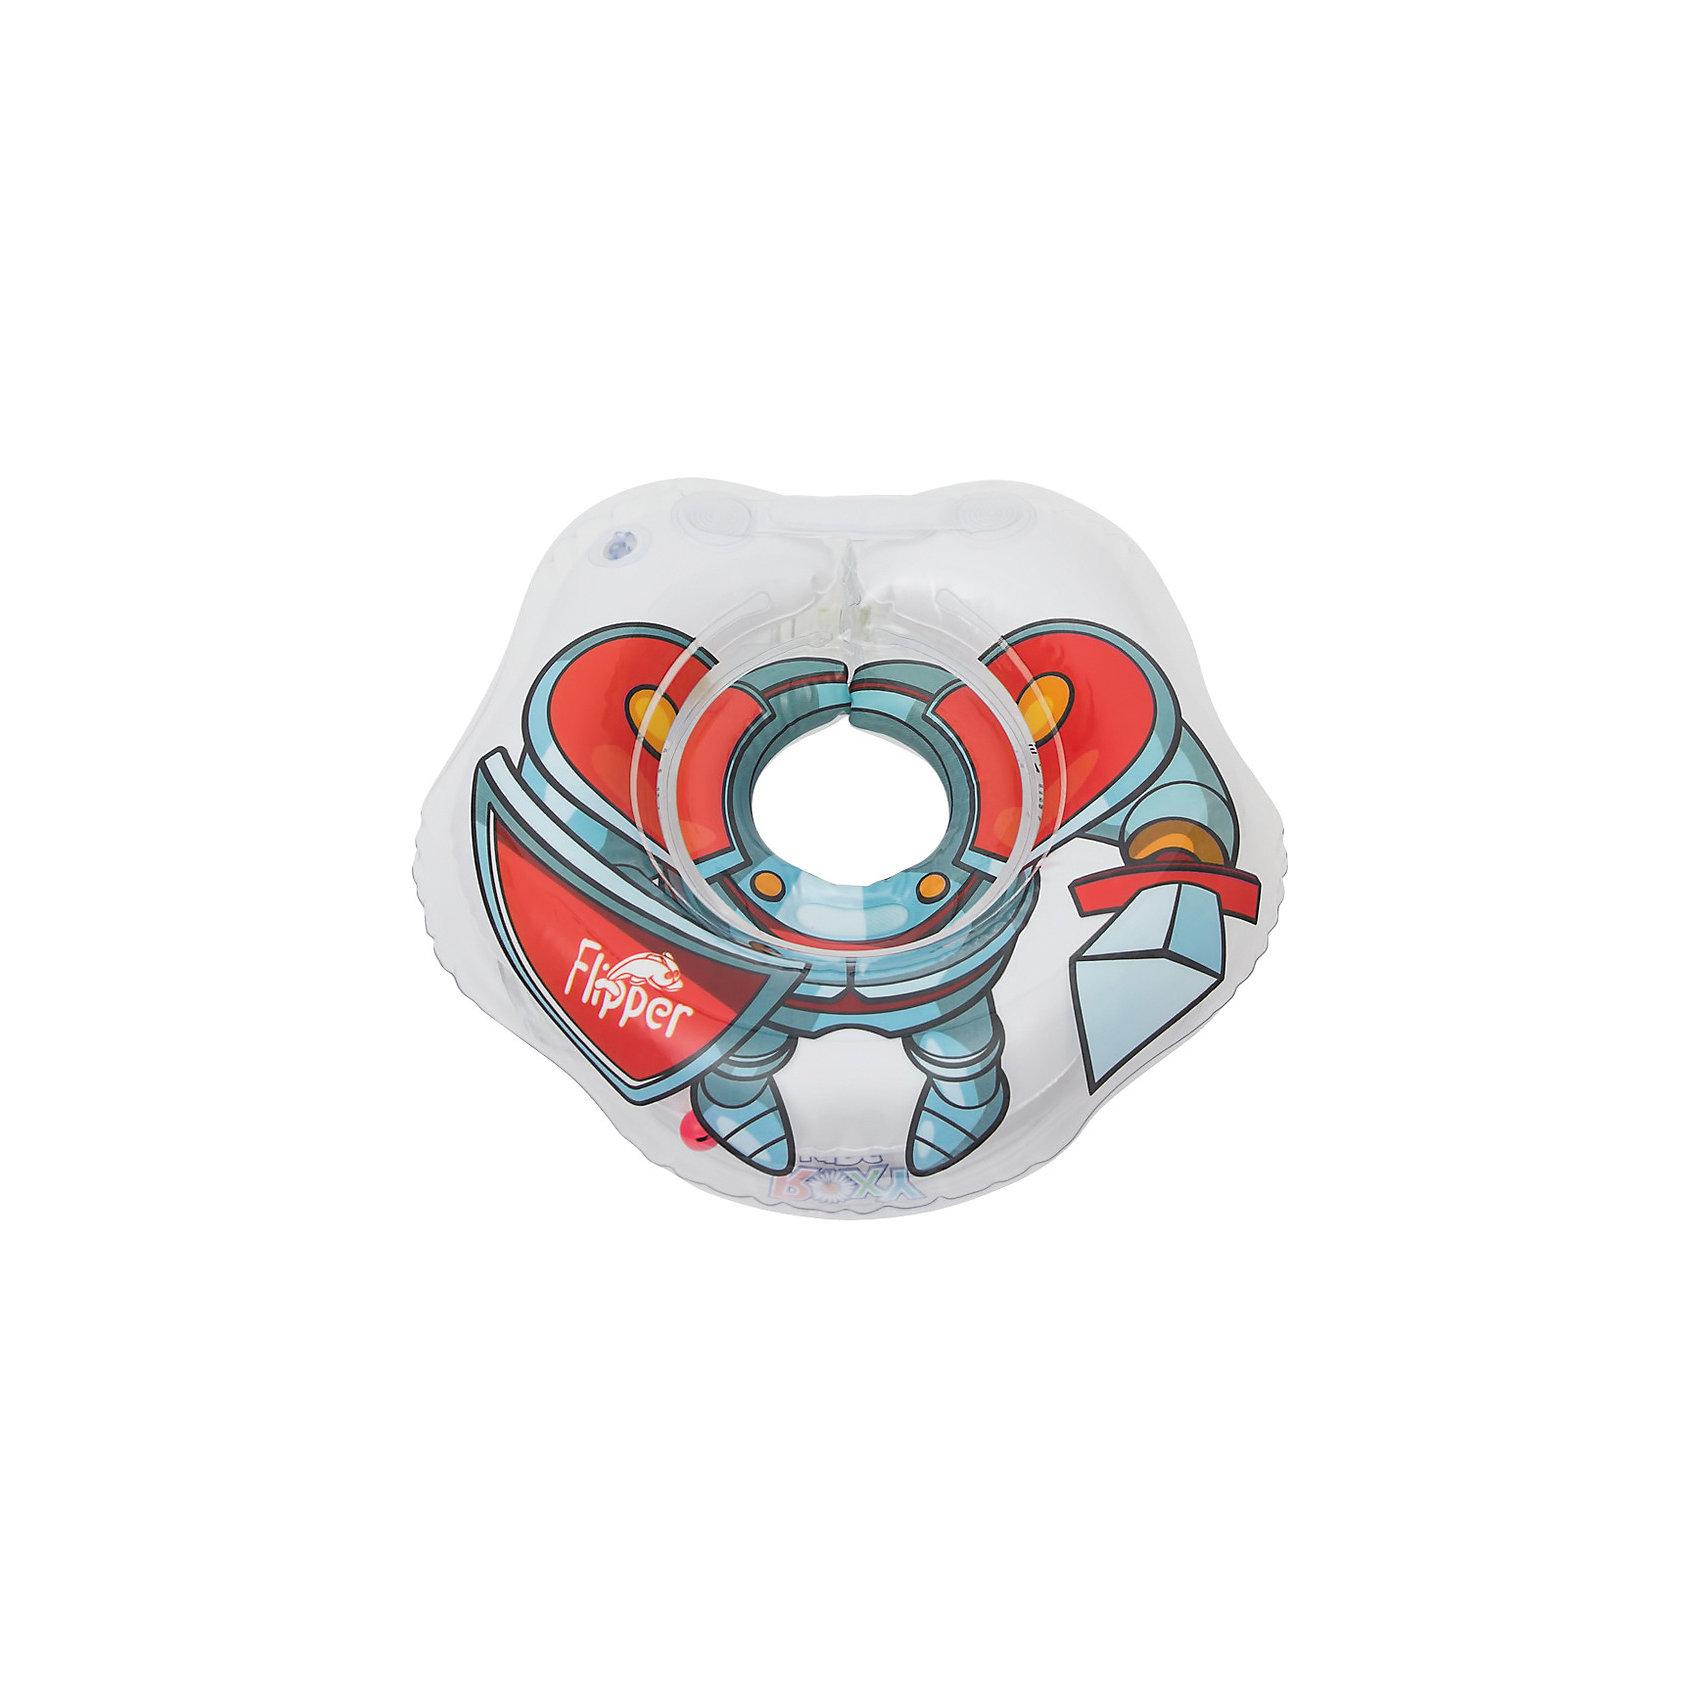 Круг на шею Flipper для купания малышей 0+ Рыцарь, Roxy-KidsКруги для купания малыша<br>Круг на шею Flipper Рыцарь, Roxy-Kids, обеспечит безопасность и комфорт Вашего малыша во время купания и активных игр в воде. Может использоваться в ванной или для бассейна и на море. Круг выполнен из прочного полимера, имеет яркий привлекательный дизайн в виде фигуры рыцаря и полностью безопасен для детей. Оснащен двумя воздушными камерами, в которых находятся шарики-погремушки, комфортной выемкой для подбородка и ручками, благодаря которым родители смогут контролировать малыша. Дополнительная безопасность круга обеспечивается особой конструкцией круг в круге. Мягкий шов не натирает шею малыша благодаря технологии внутреннего шва. Две практичные регулируемые застежки (карабин и липучка) позволяют быстро и легко зафиксировать круг во время купания. Рассчитан на детей от 0 до 2 лет, весом до 18 кг.<br><br>Дополнительная информация:<br><br>- Материал: ПВХ.<br>- Размер круга: 39 х 36 см.<br>- Размер упаковки: 15 х 5 х 15 см.<br>- Вес: 0,3 кг.<br><br>Круг на шею Flipper для купания малышей 0+ Рыцарь, Roxy-Kids, можно купить в нашем интернет-магазине.<br><br>Ширина мм: 150<br>Глубина мм: 50<br>Высота мм: 150<br>Вес г: 300<br>Цвет: синий<br>Возраст от месяцев: 0<br>Возраст до месяцев: 18<br>Пол: Мужской<br>Возраст: Детский<br>SKU: 4546384